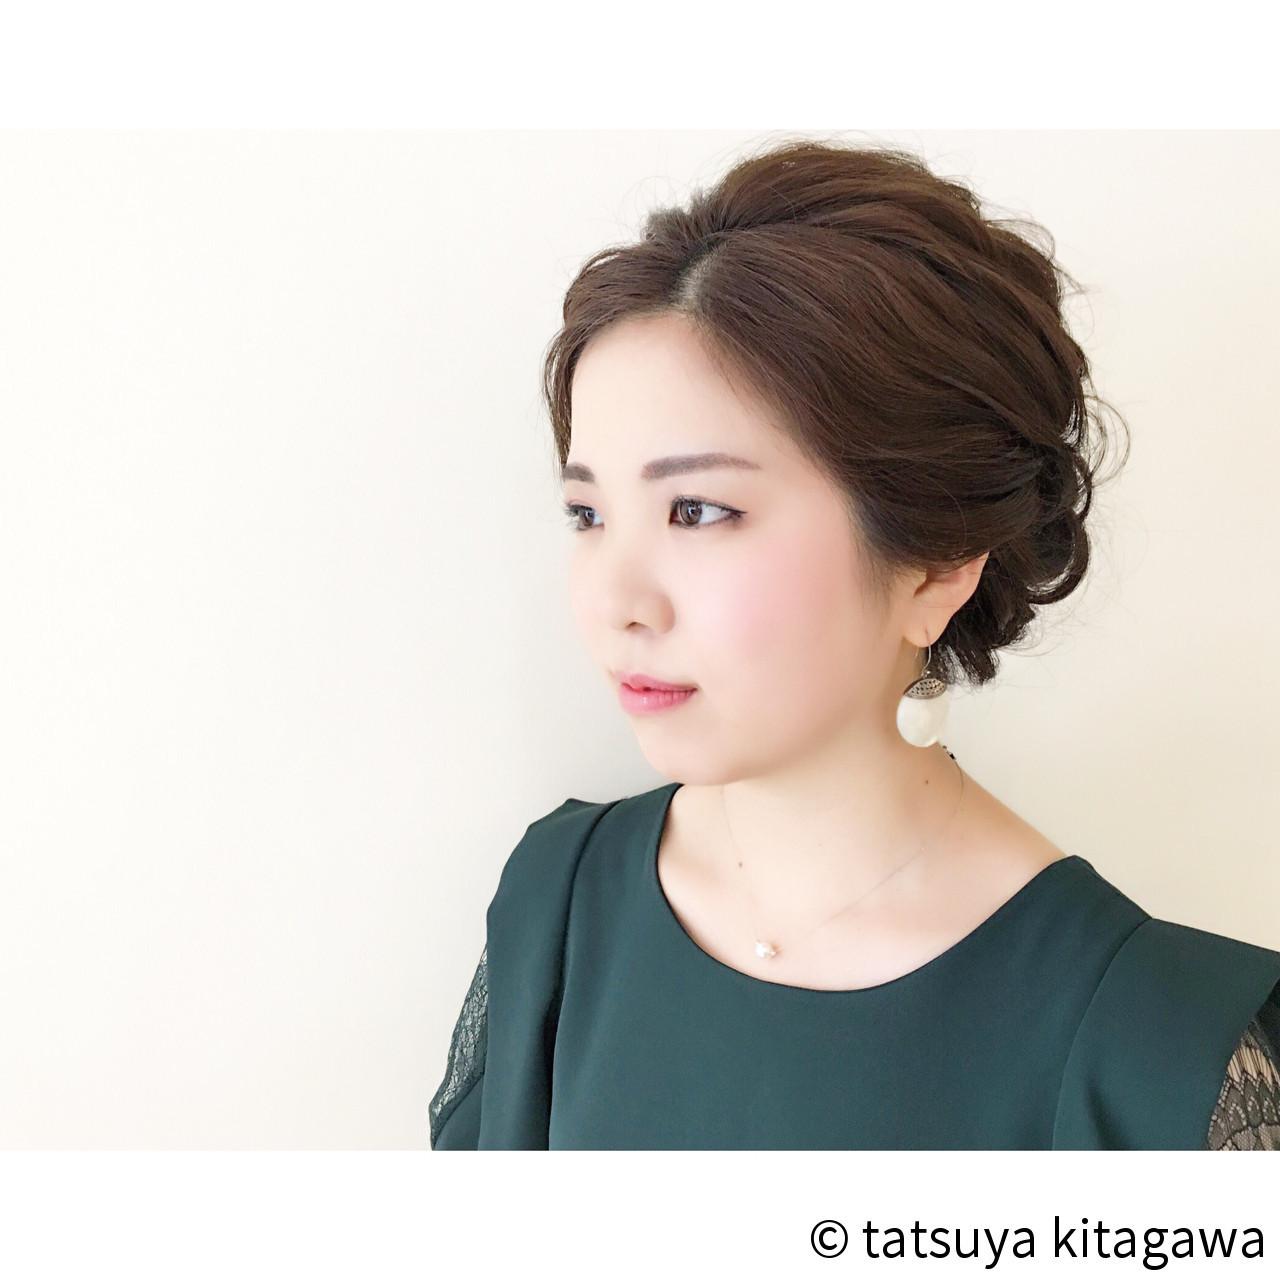 ドレスに似合う♡前髪なしの上品アップスタイル tatsuya kitagawa